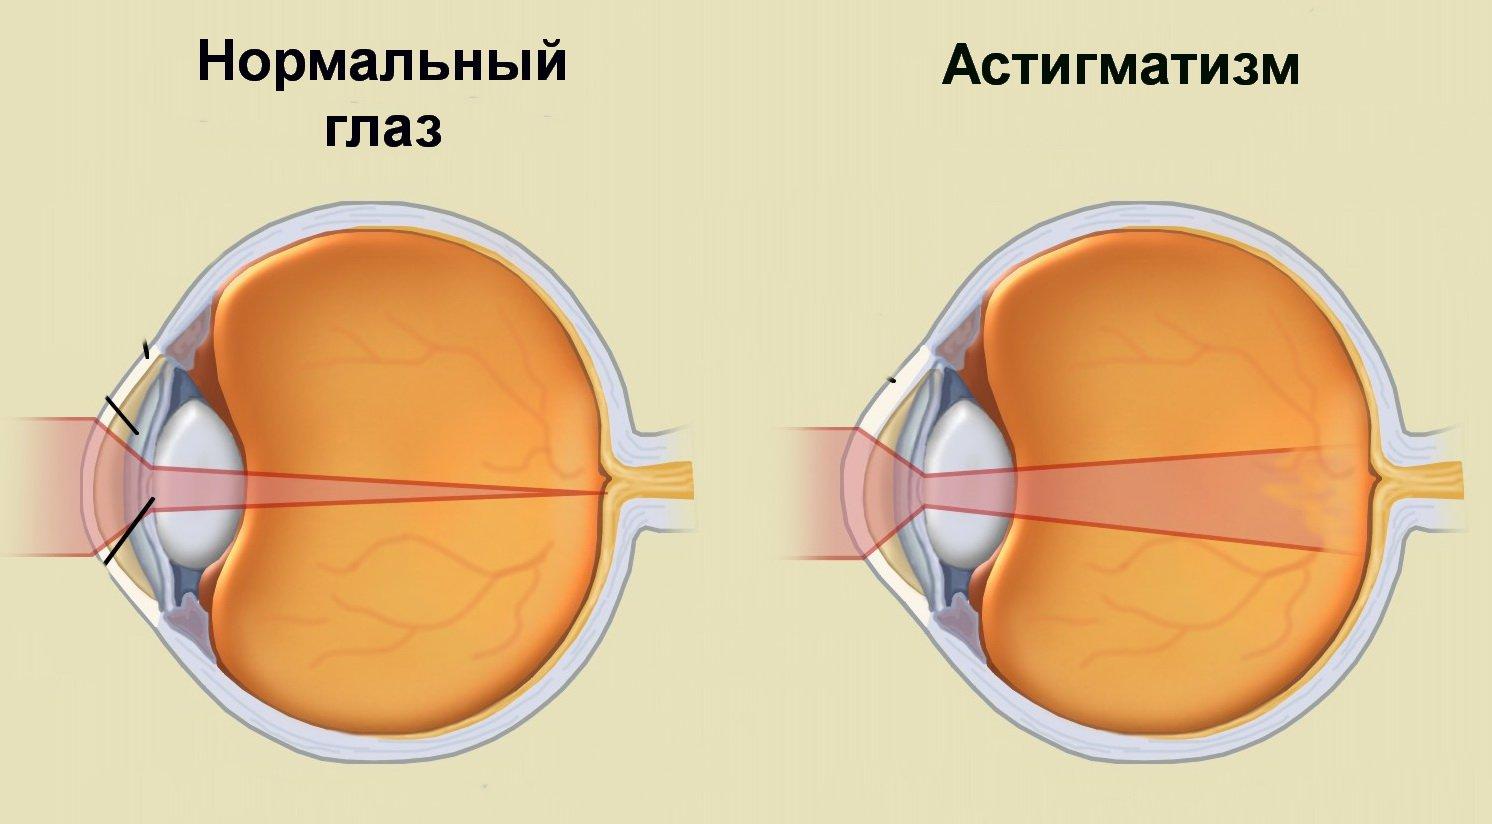 népszerű tanácsok a látás javítására)